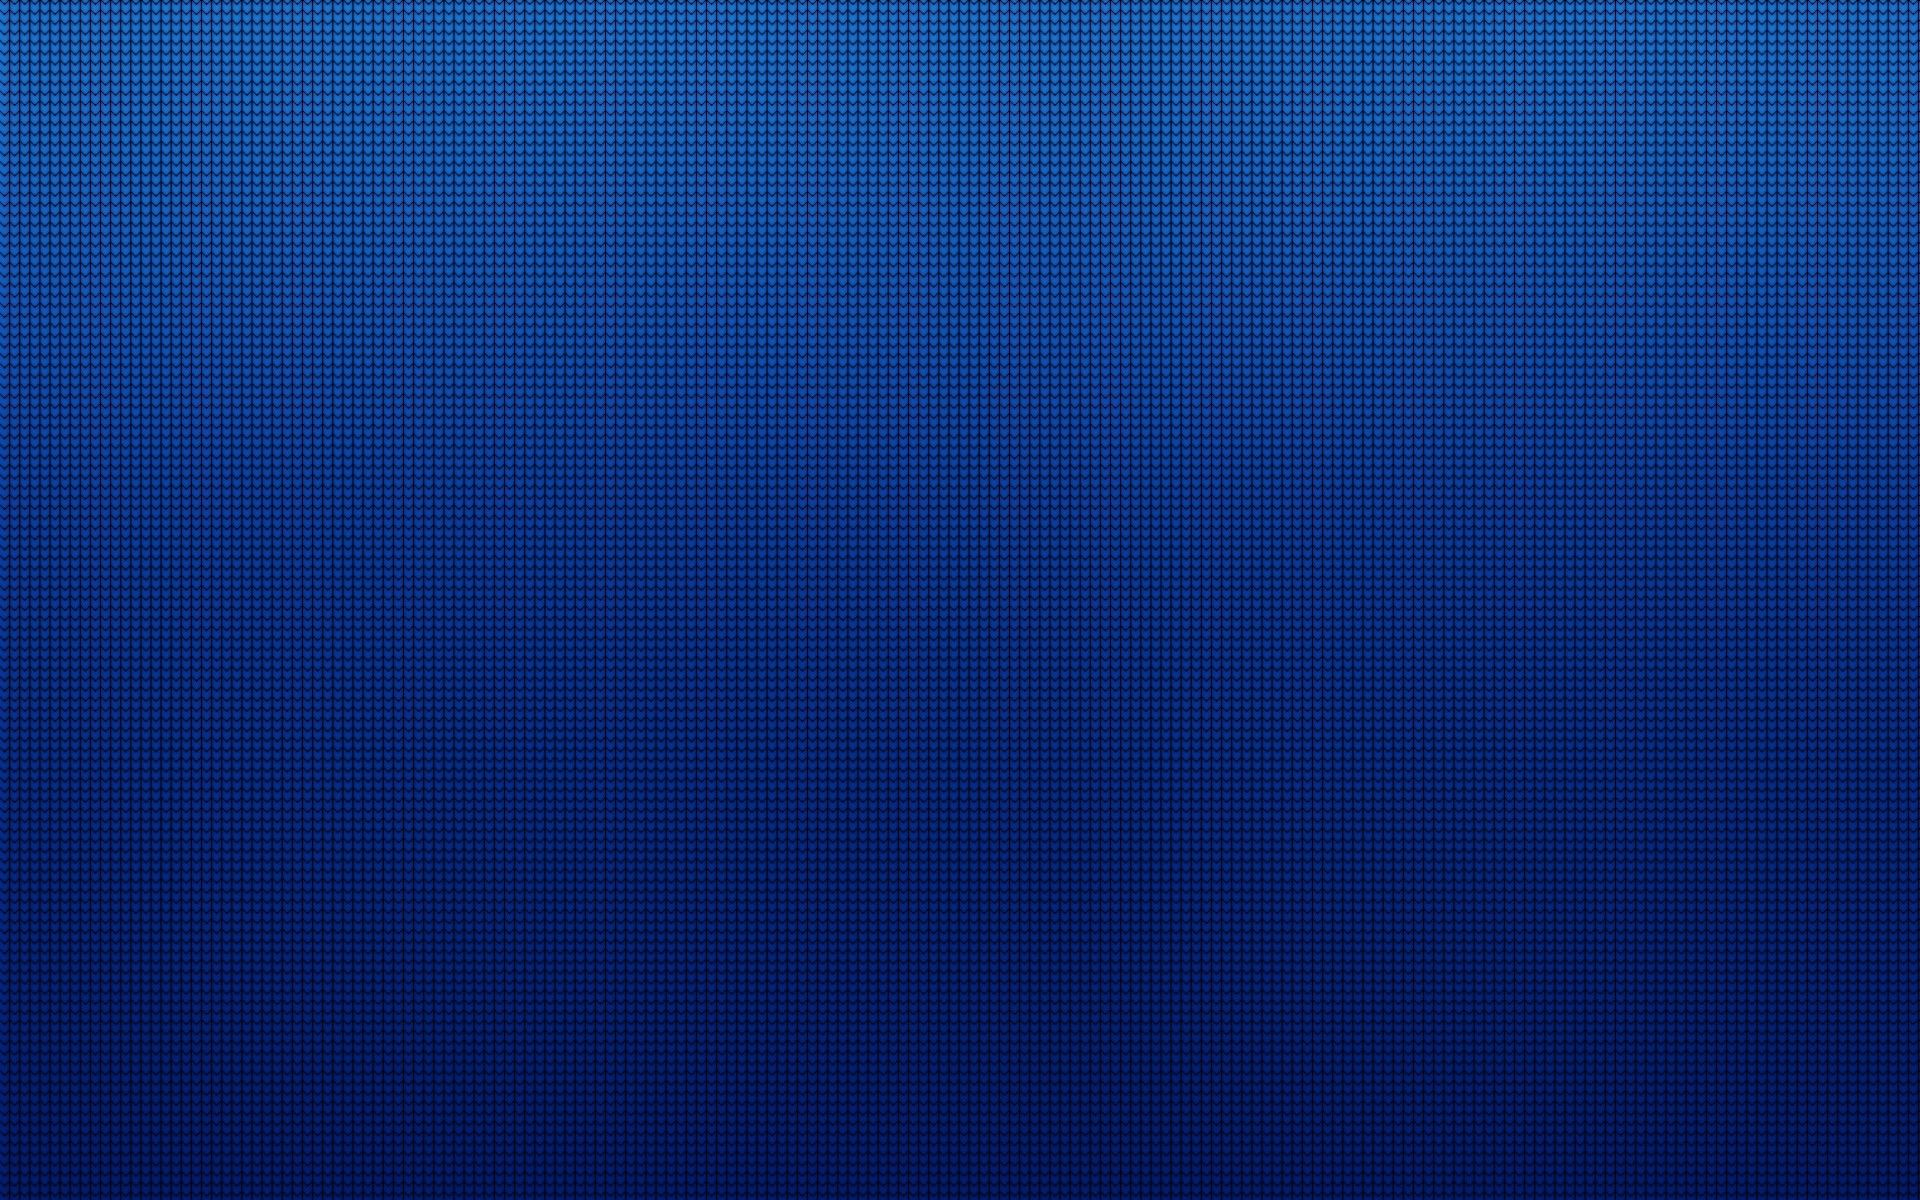 Top Wallpaper High Resolution Blue - Blue-Background-Wallpaper-010  2018_362757.jpg